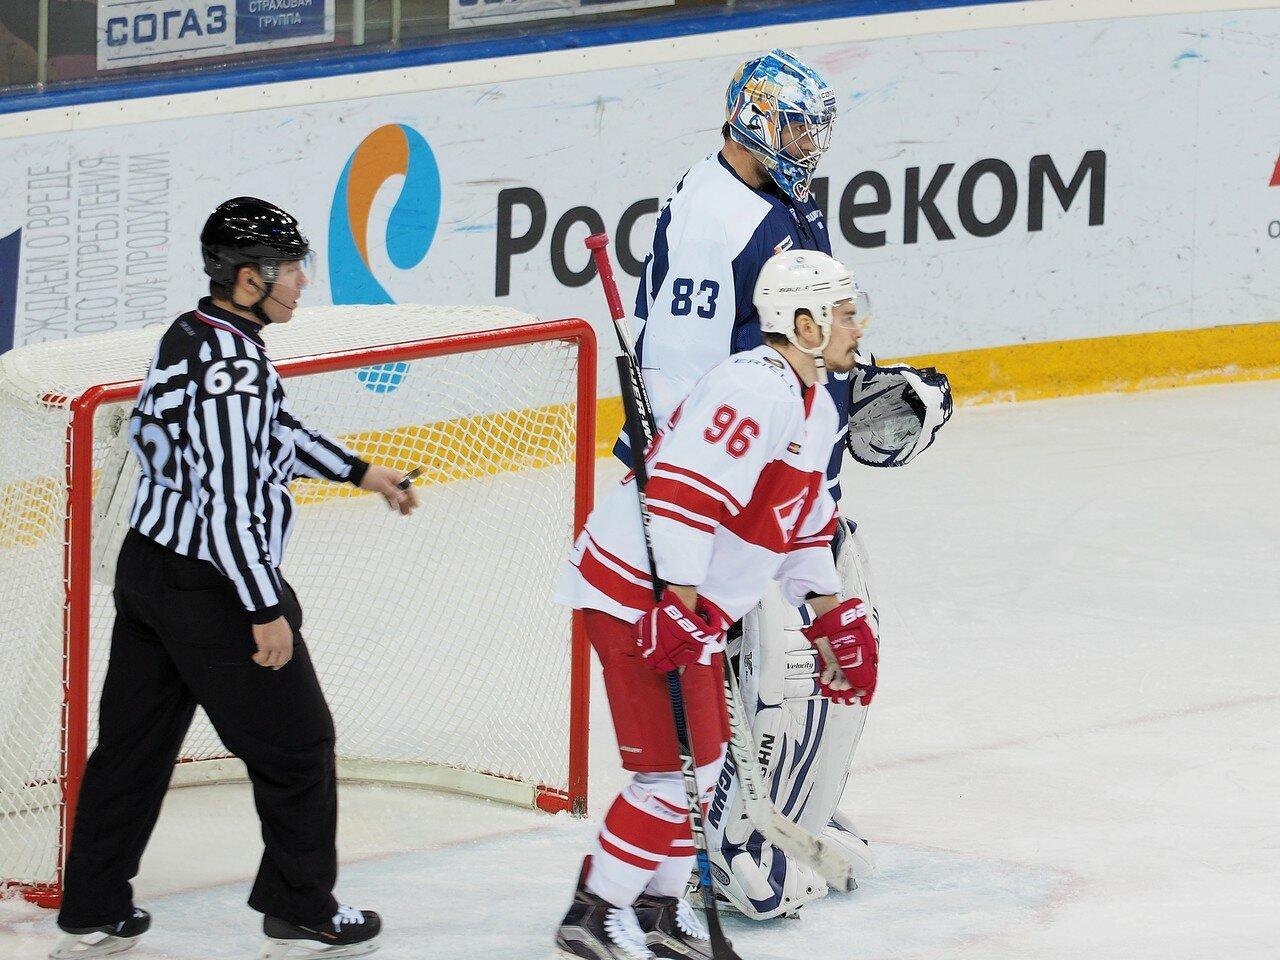 33Металлург - Cпартак 26.12.2015